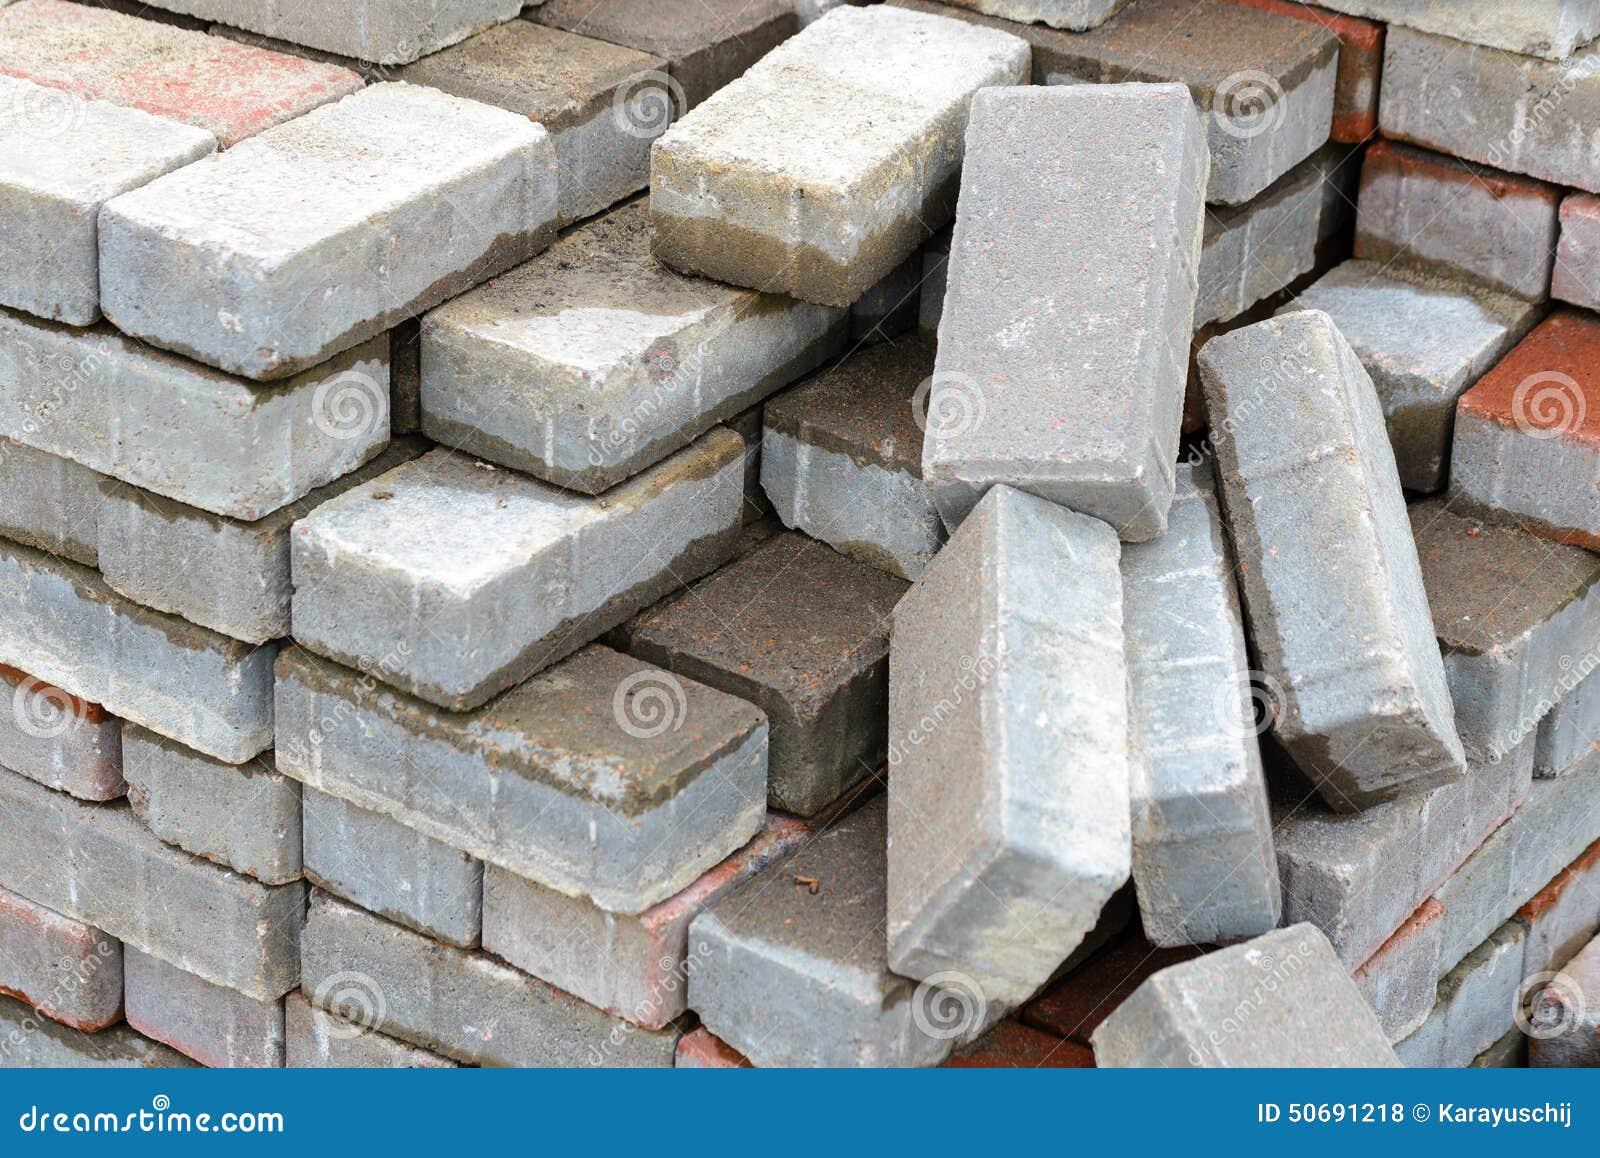 钙在建造场所的硅酸盐砖堆的细节.